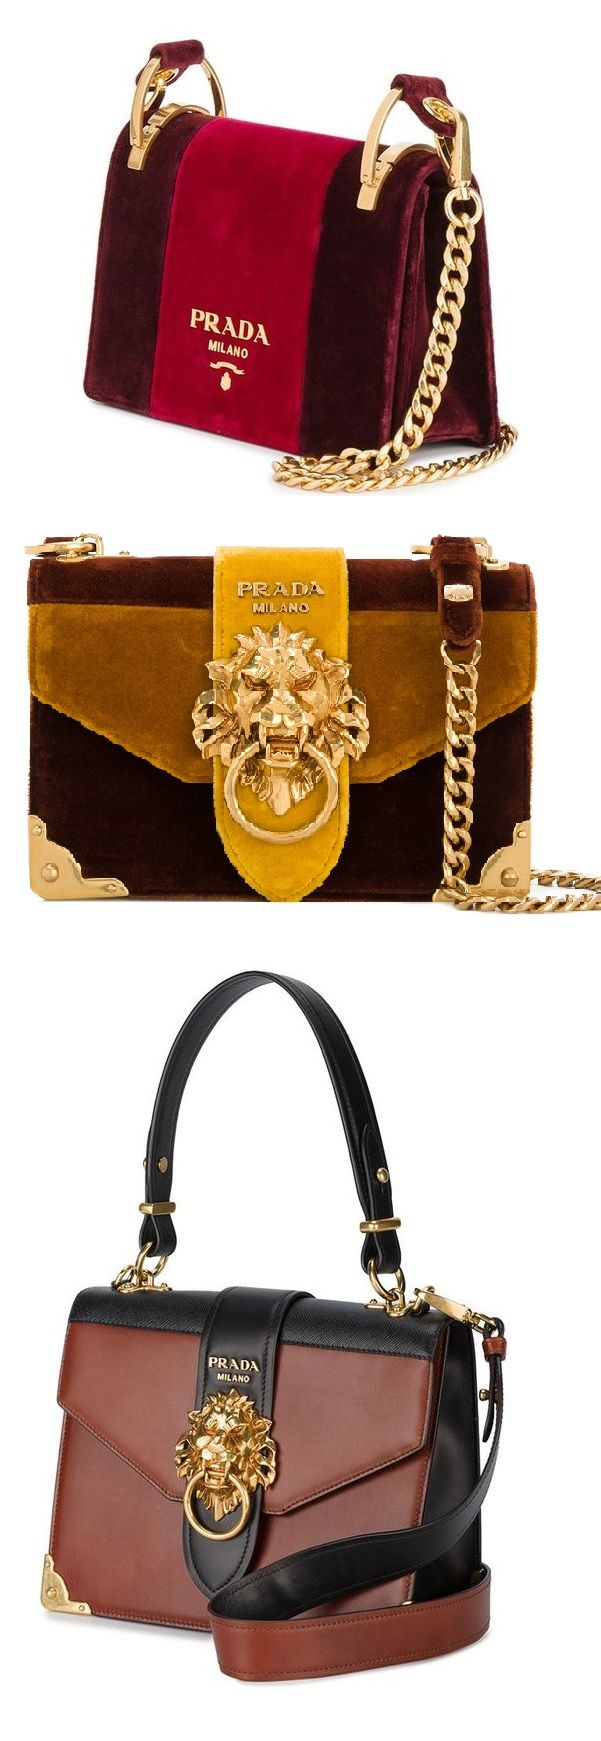 95b86f695bd5 PRADA Pattina velvet shoulder bag/ PRADA Cahier lion-embellished shoulder  bag/ PRADA animalier lion head shoulder bag